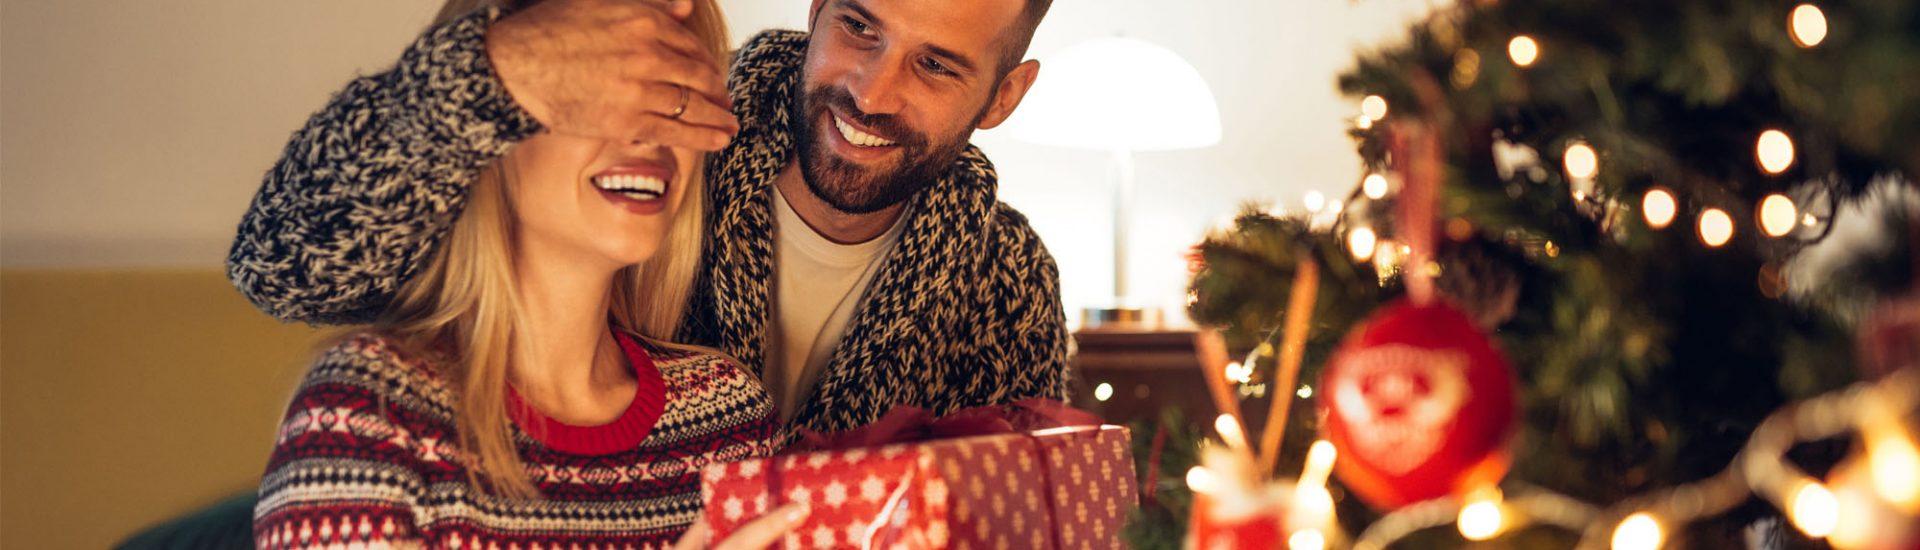 Weihnachtsgeschenke für die Freundin - Top 10 Inspirationen